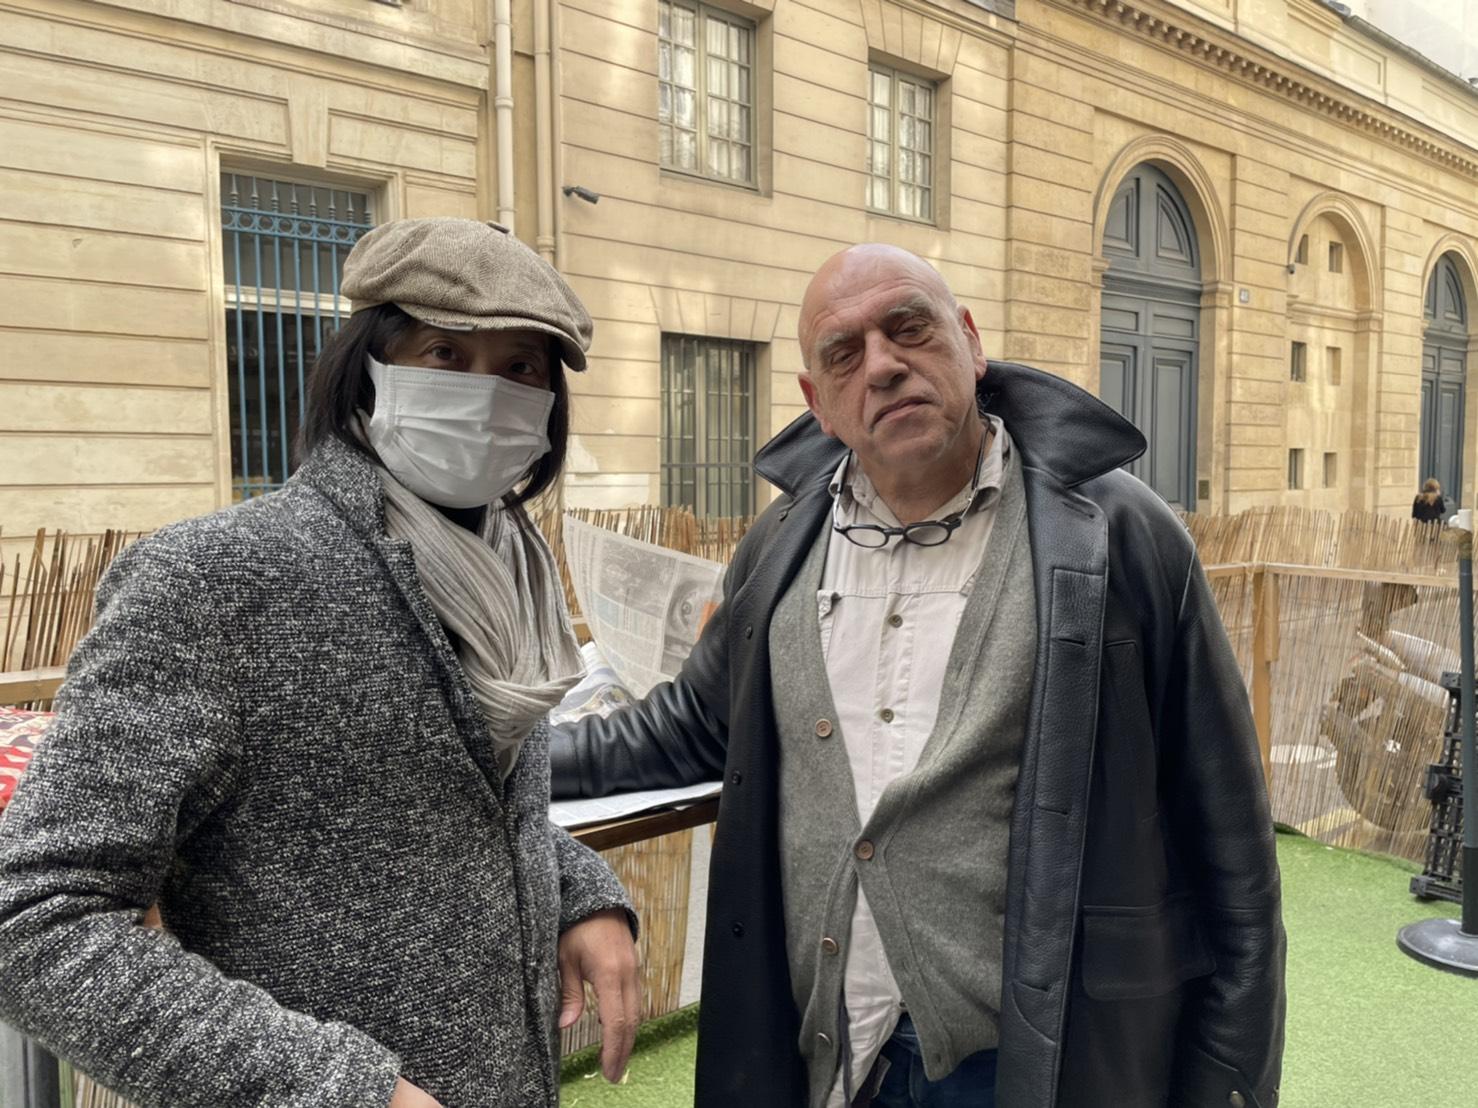 滞仏日記「なぜ、フランスに自粛警察がいないのか? アドリアン大いに語る」